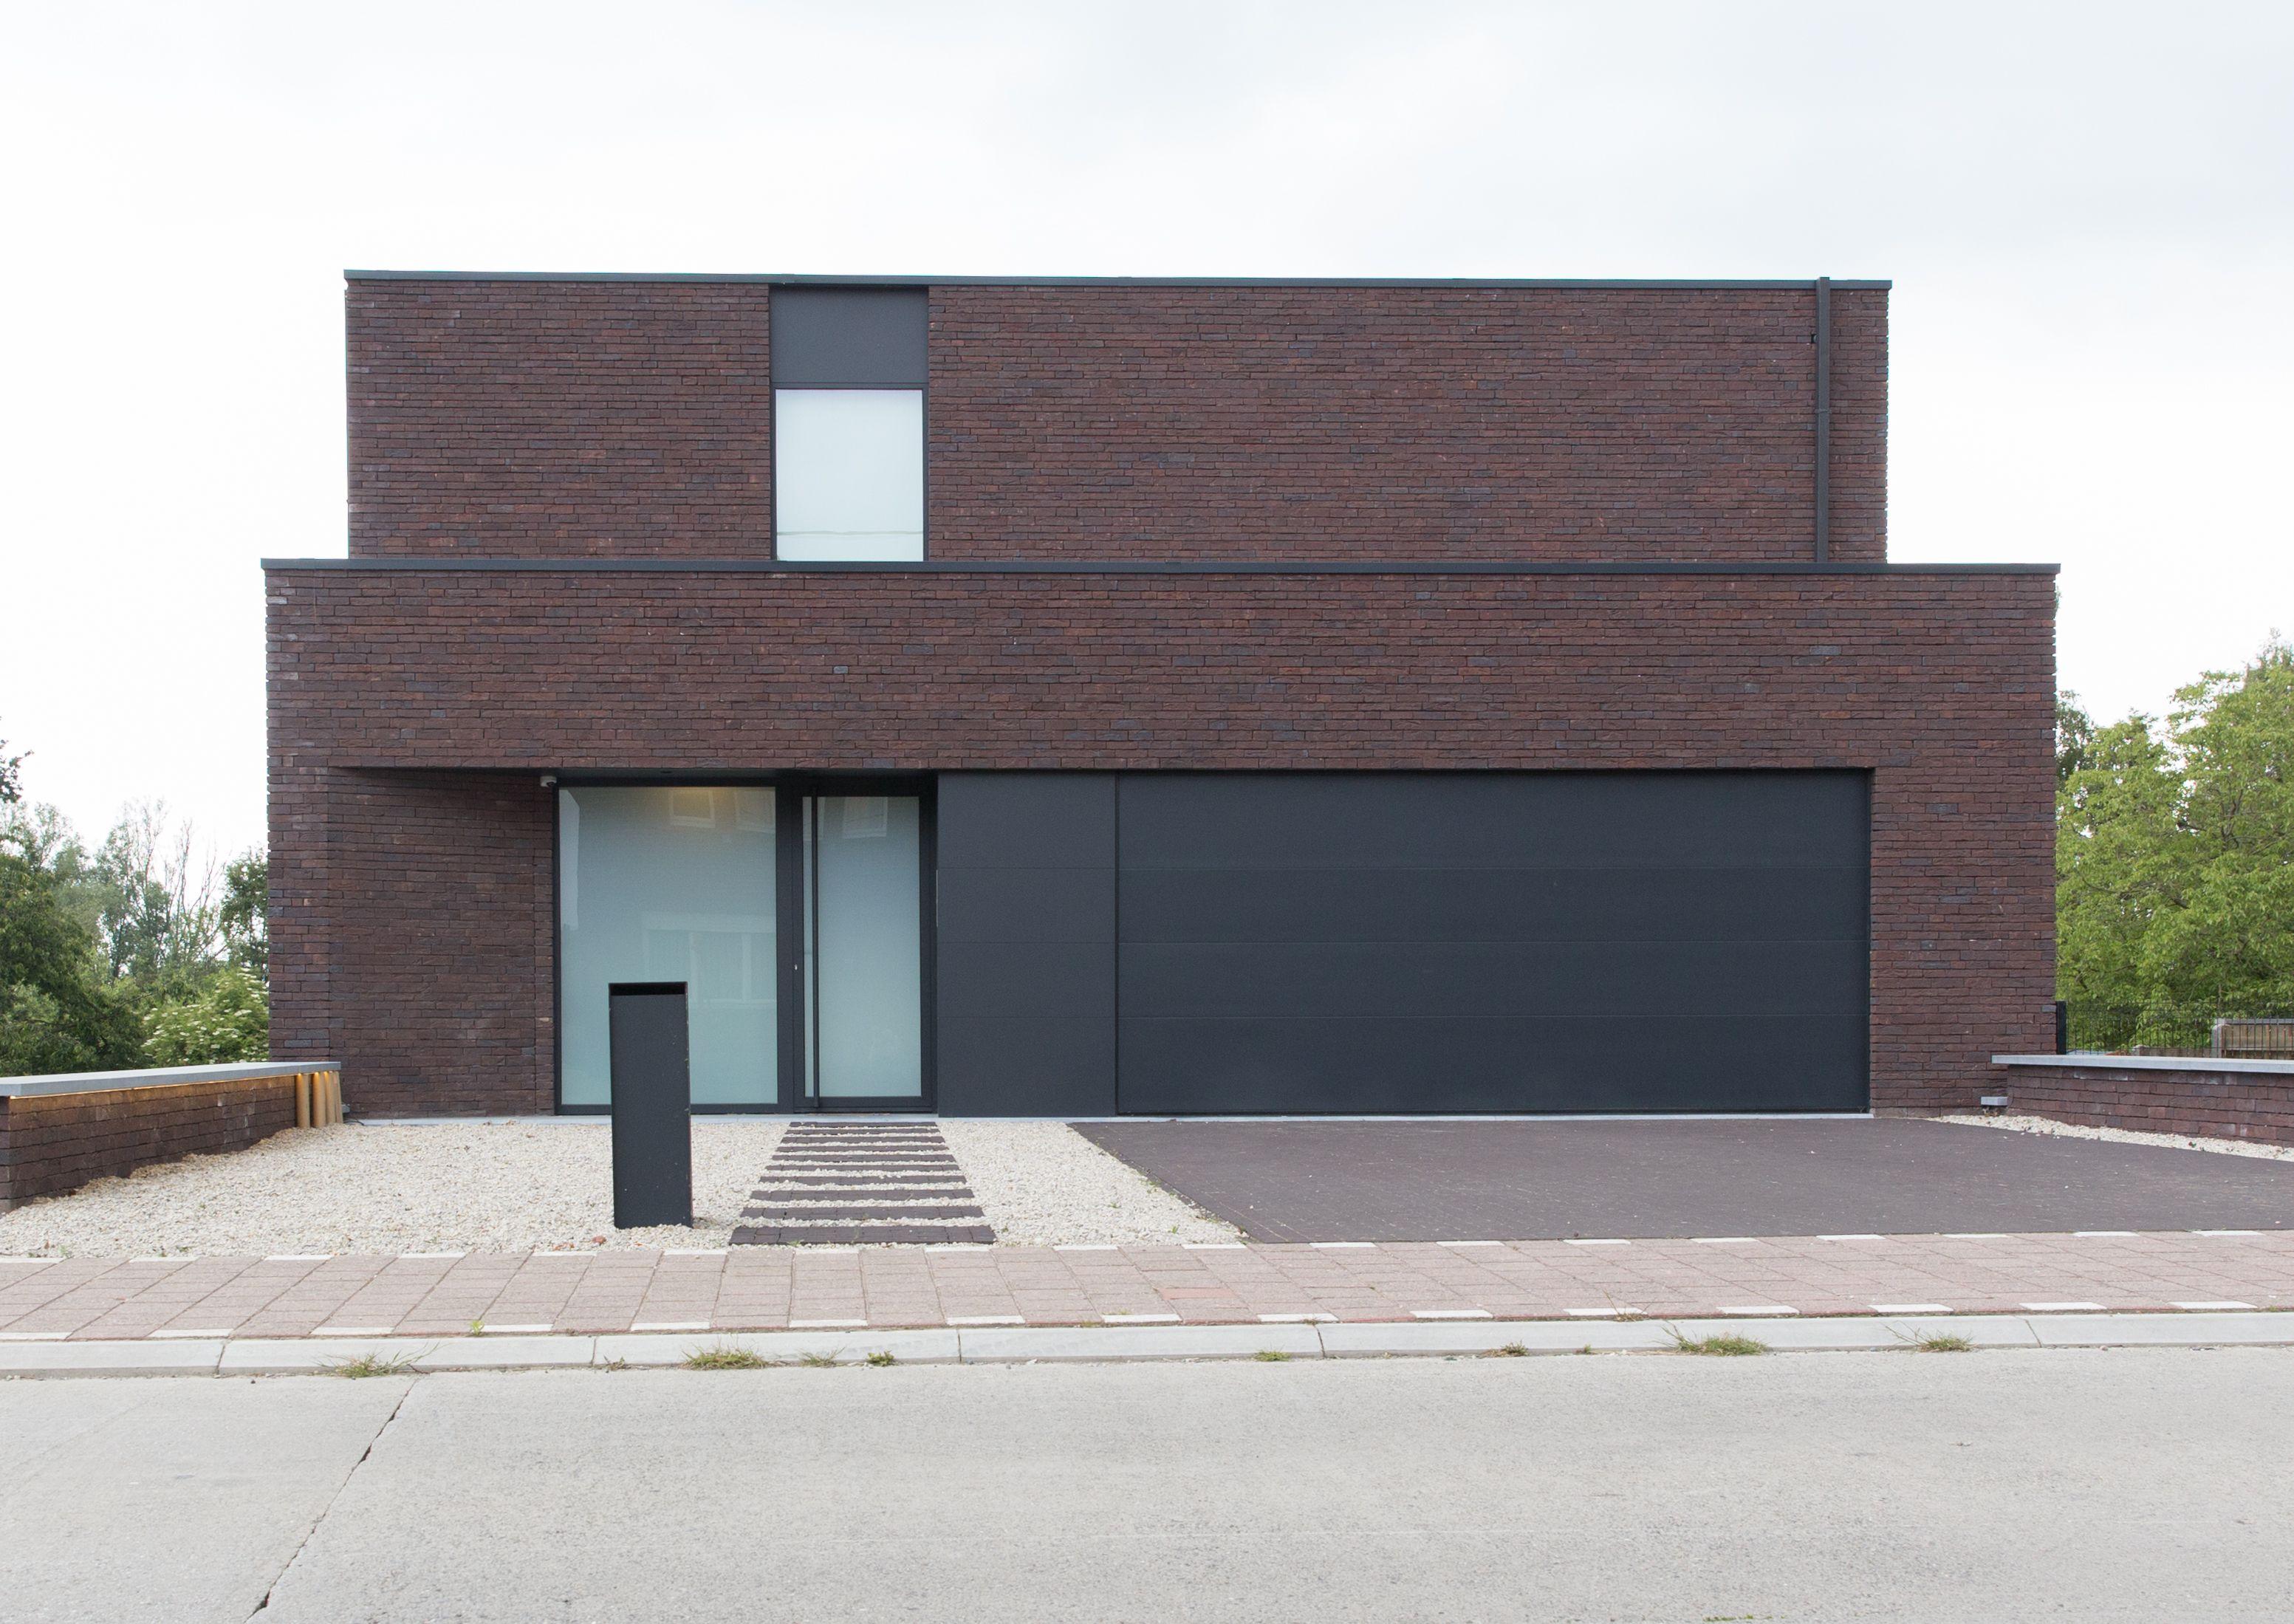 Moderne villa met gesloten voorgevel voor maximale privacy for Moderne villa